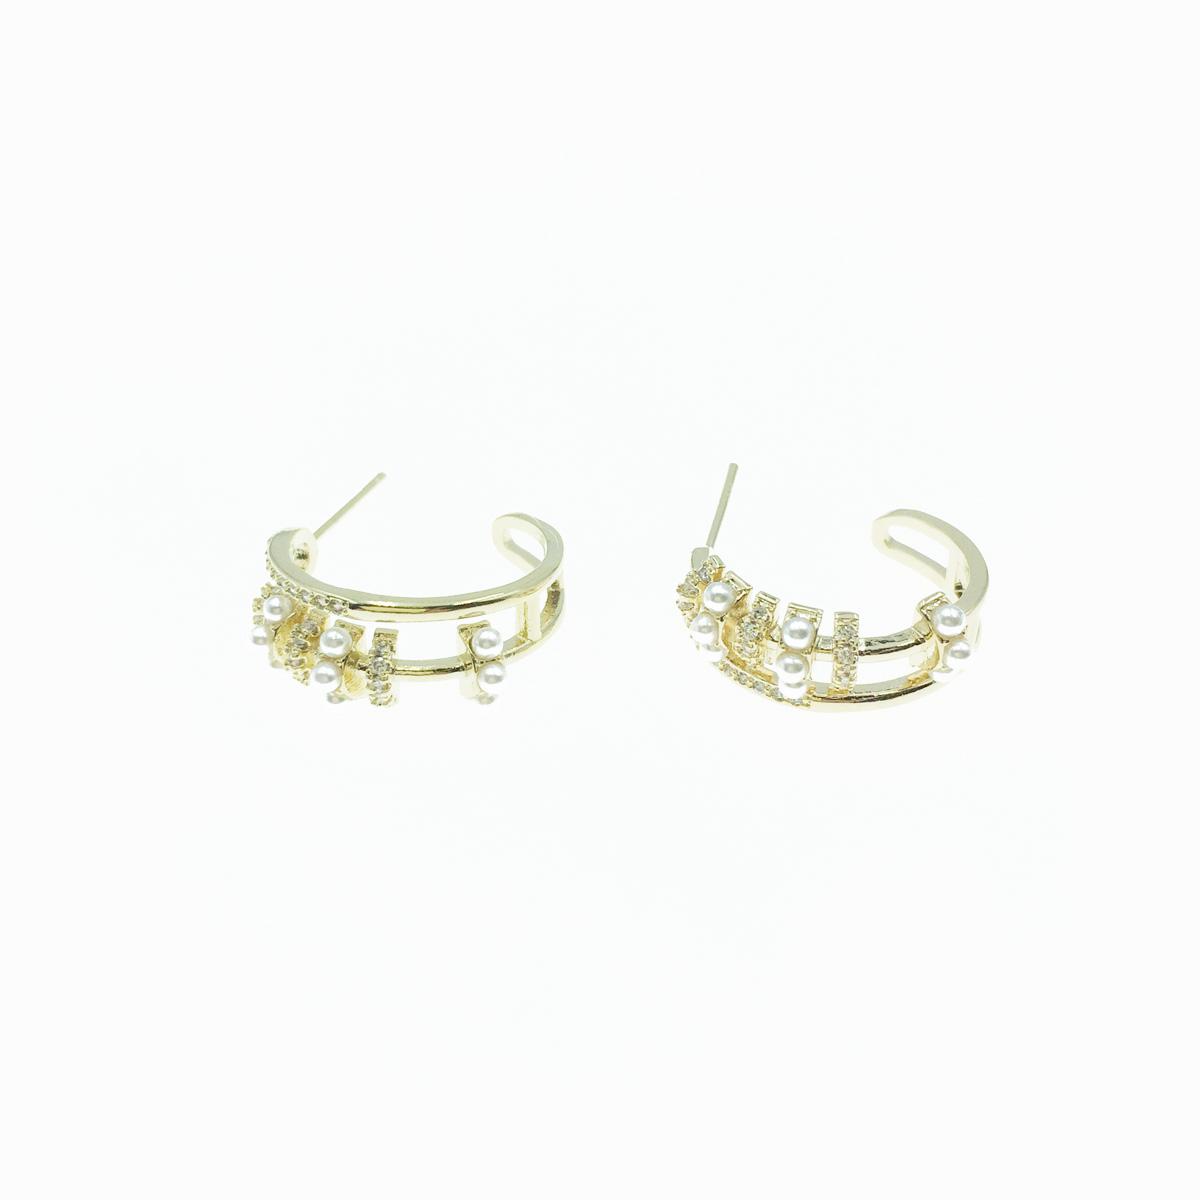 韓國 925純銀 鏤空圓圈 珍珠 水鑽 金色 耳針式 耳環